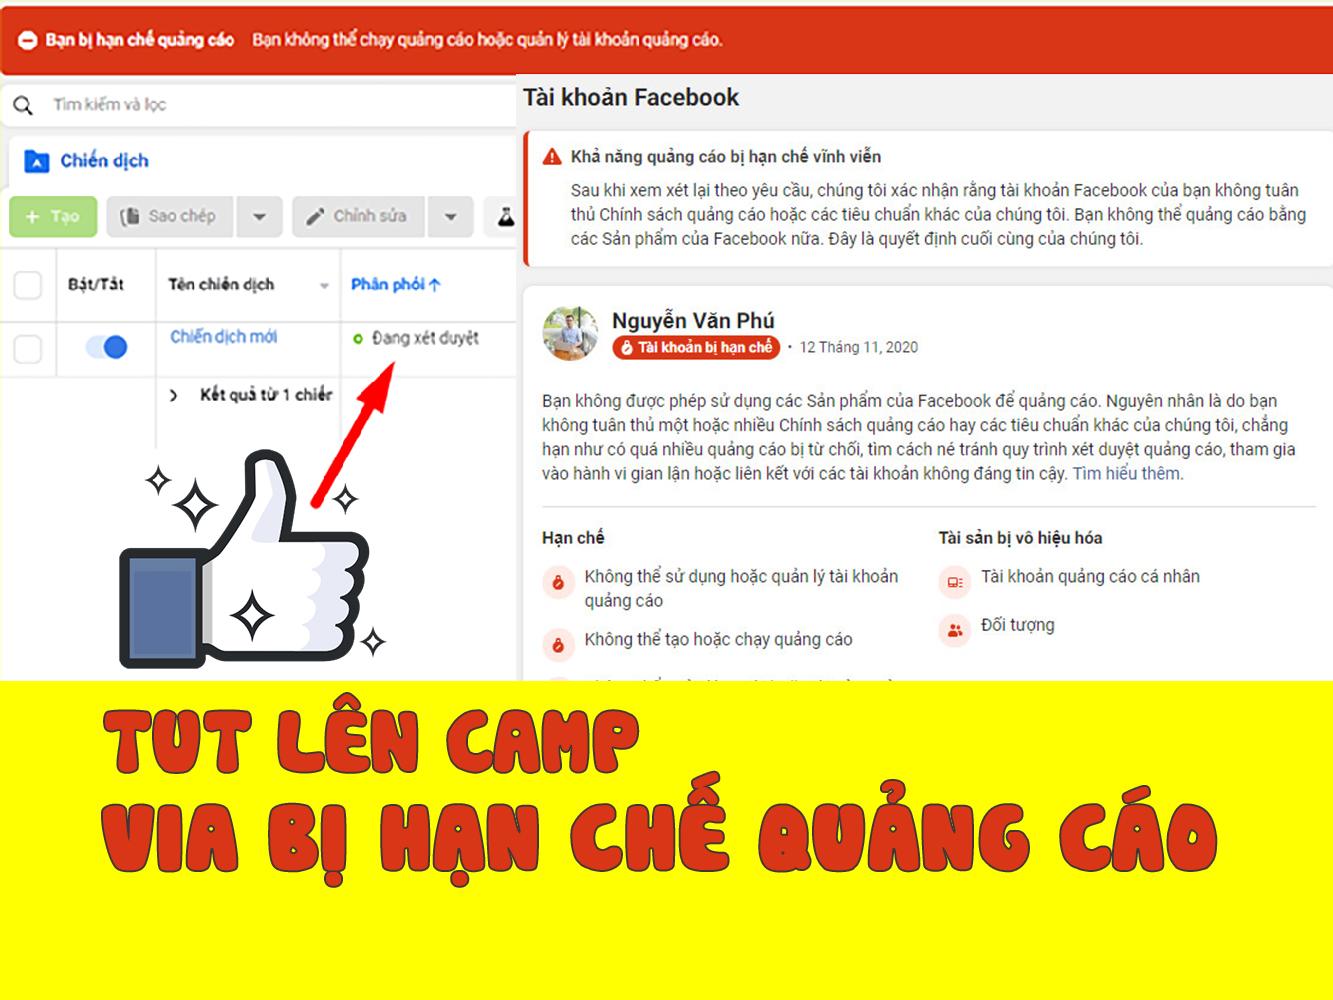 Hướng dẫn lên camp bằng via bị hạn chế quảng cáo – TUT lên camp không cần via xác minh danh tính